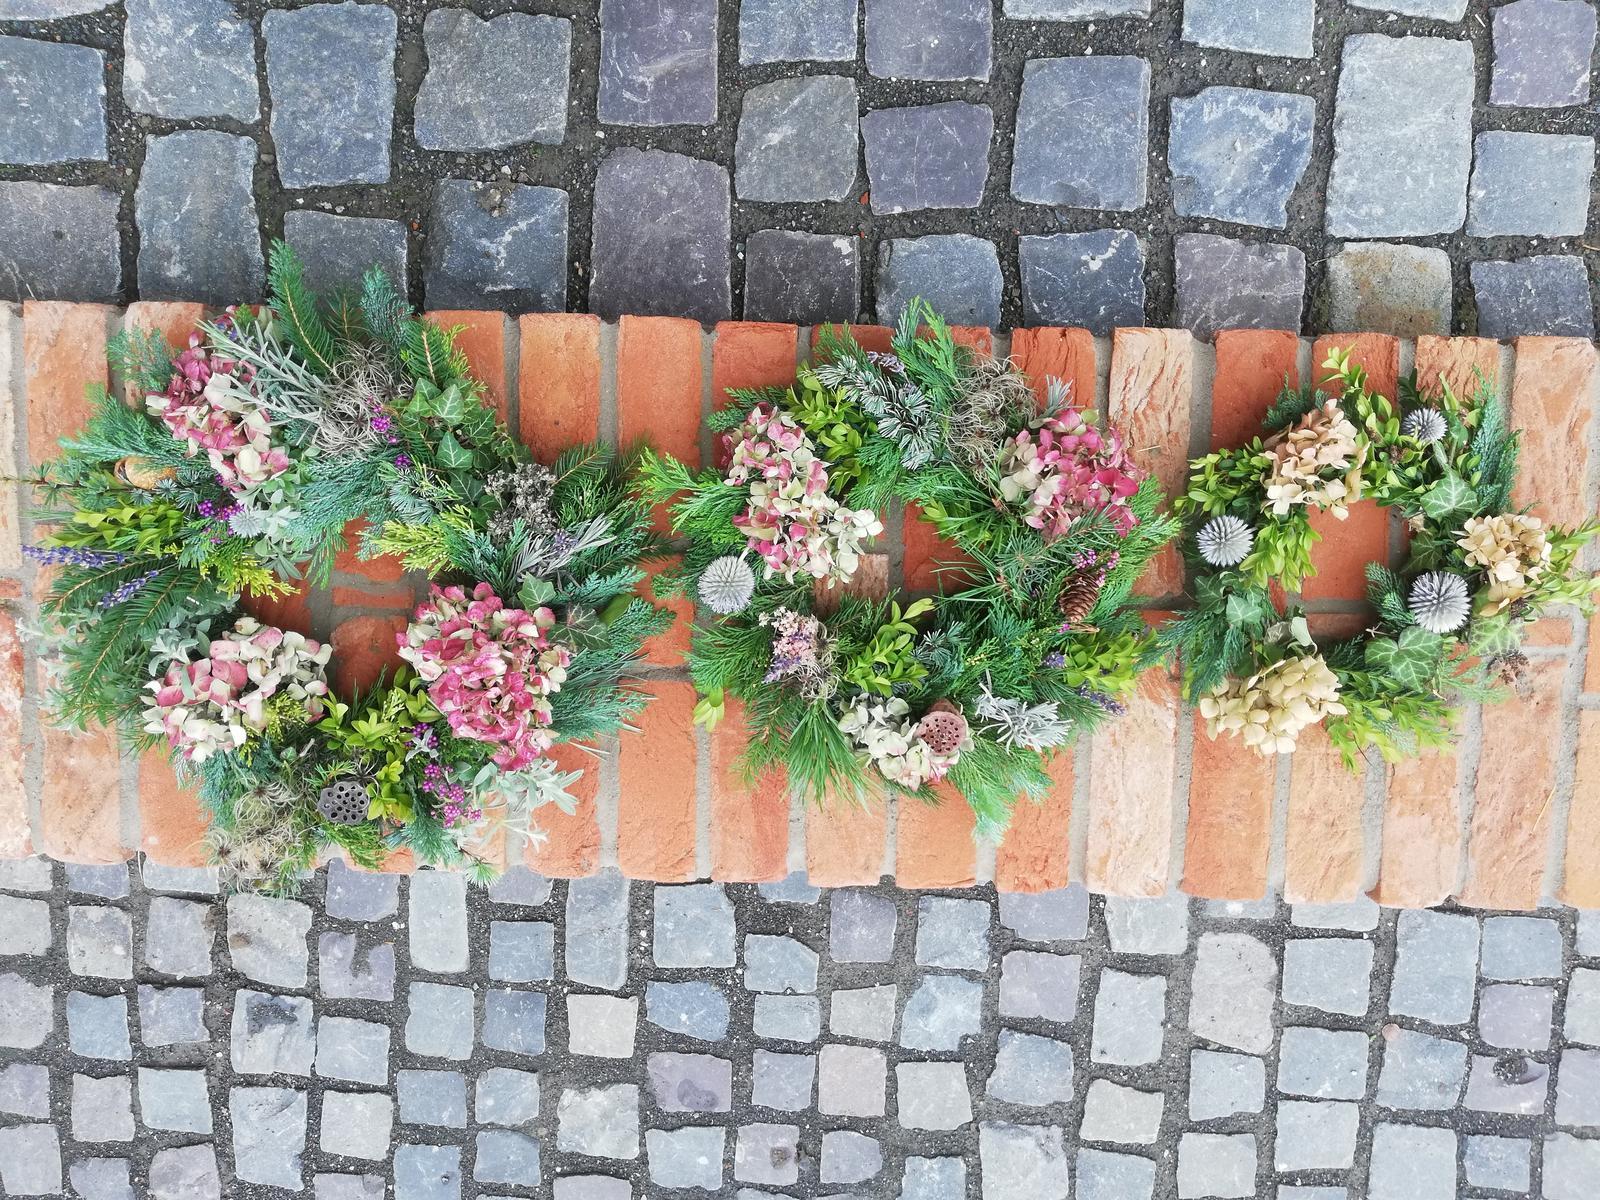 Názov stavby 3 - in da garden - prírodné